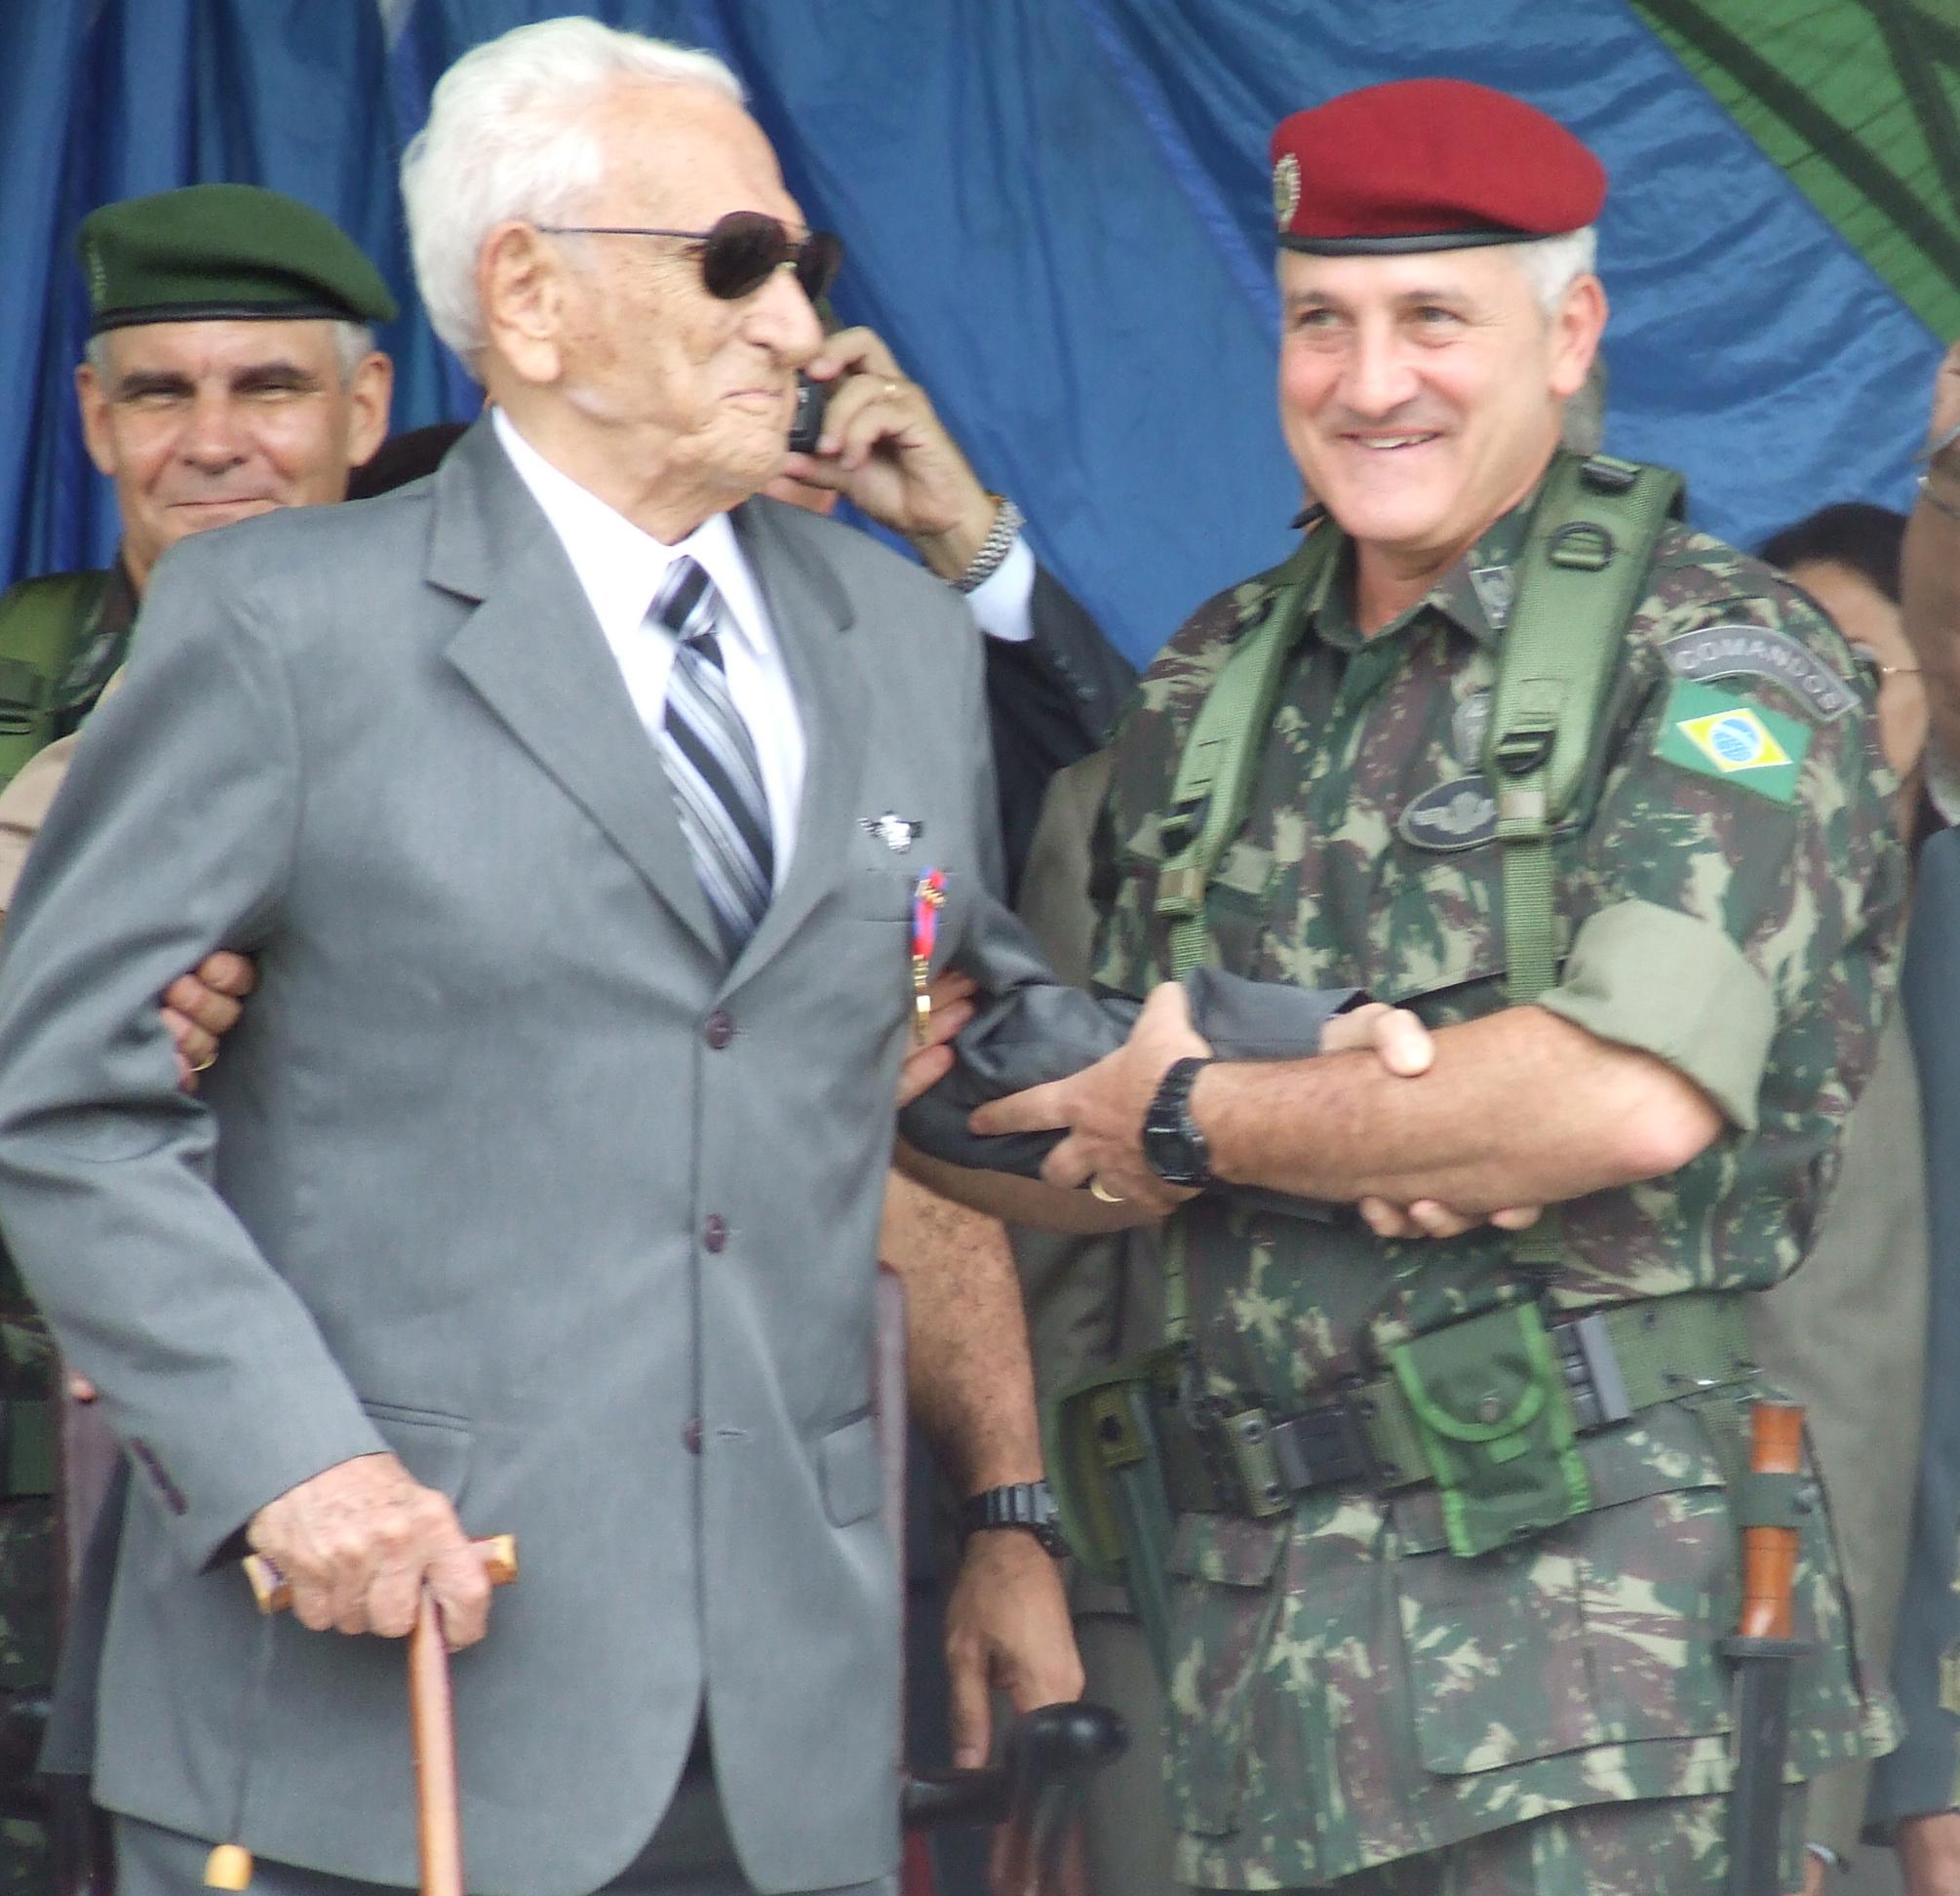 Rio de Janeiro, 2010: apesar dos seus 100 anos de idade, o General Pára-quedista ROBERTO DE PESSÔA (trajando à civil), ainda participa nos principais eventos da Brigada de Infantaria Pára-quedista. (Foto cedida pela Bda Inf Pqdt)